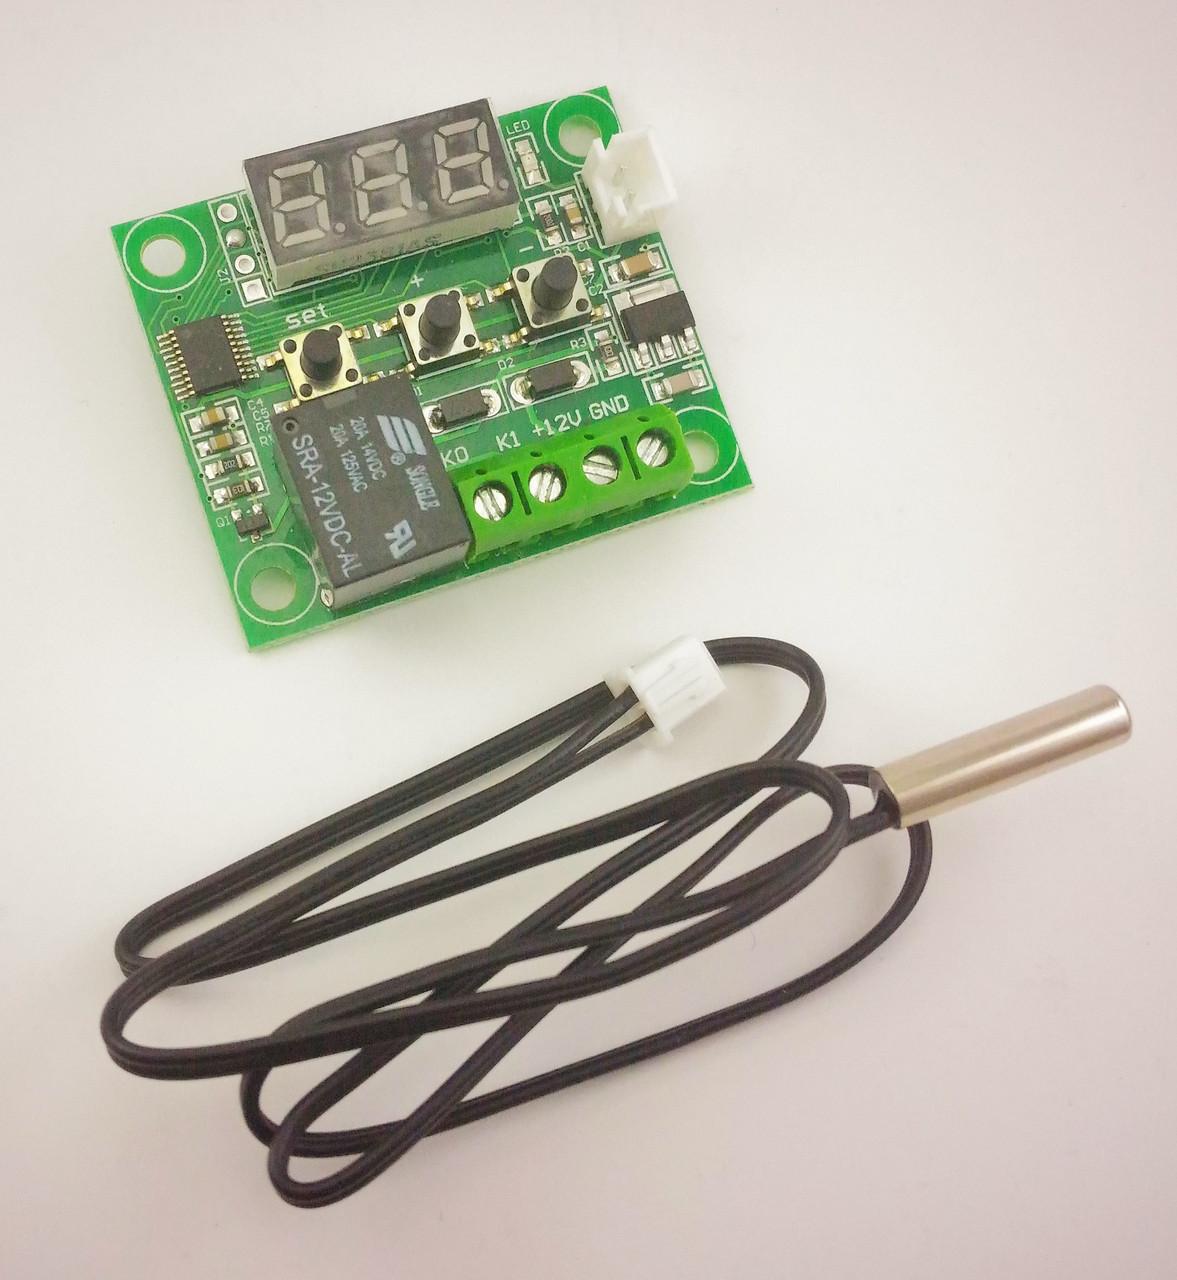 Цифровой терморегулятор W1209 (термостат, реле) -50..110 град. питание 12В, с выносным датчиком (NTC резистор)